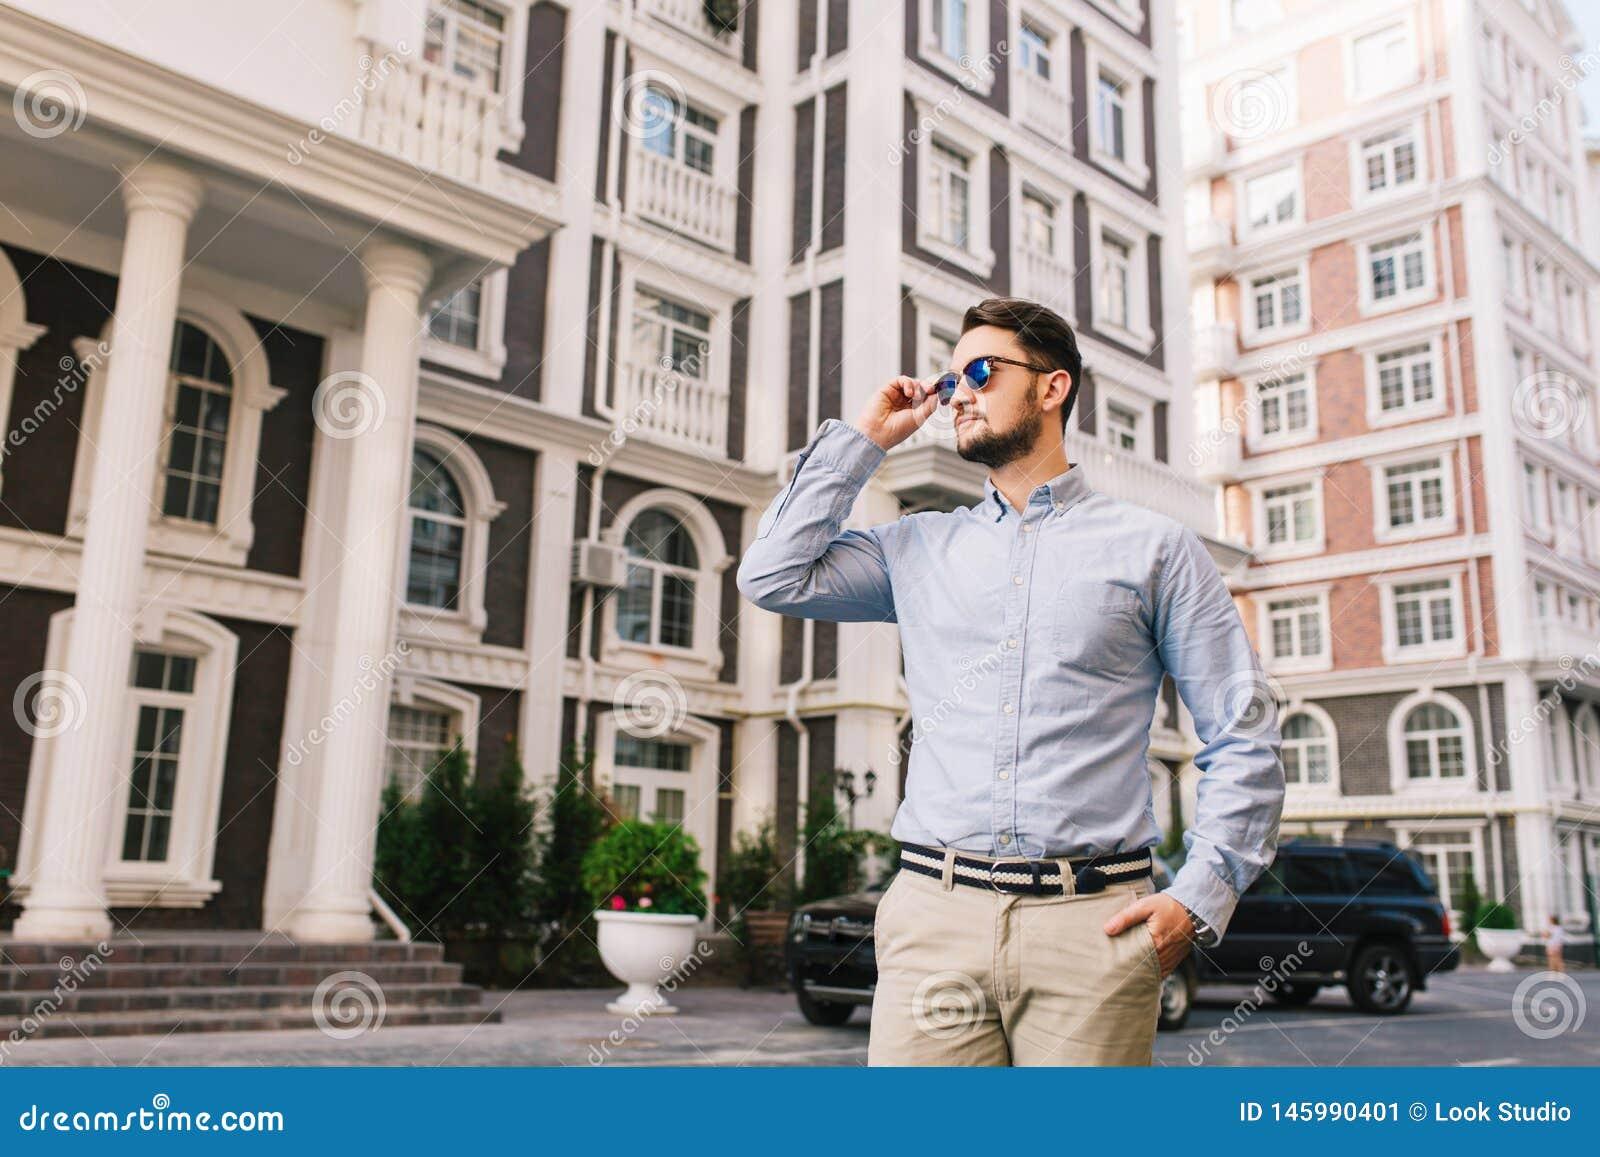 O homem de negócios considerável nos óculos de sol está andando em torno do quarto britânico Guarda a mão no bolso, olhando seria